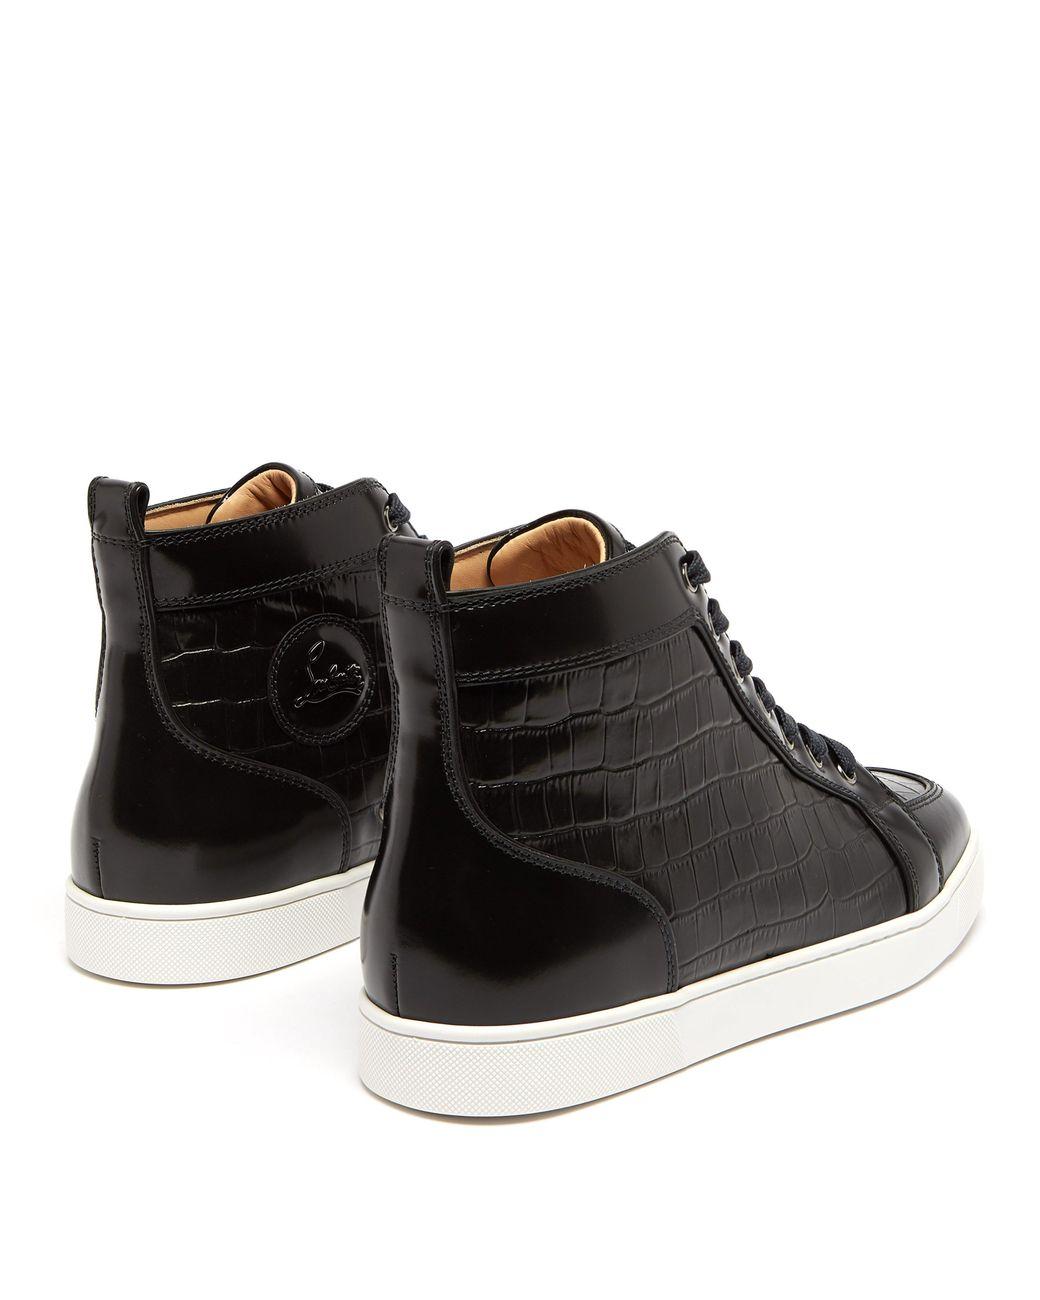 acheter populaire 9ad5e d3b2d Baskets montantes en cuir effet crocodile Rantus homme de coloris noir